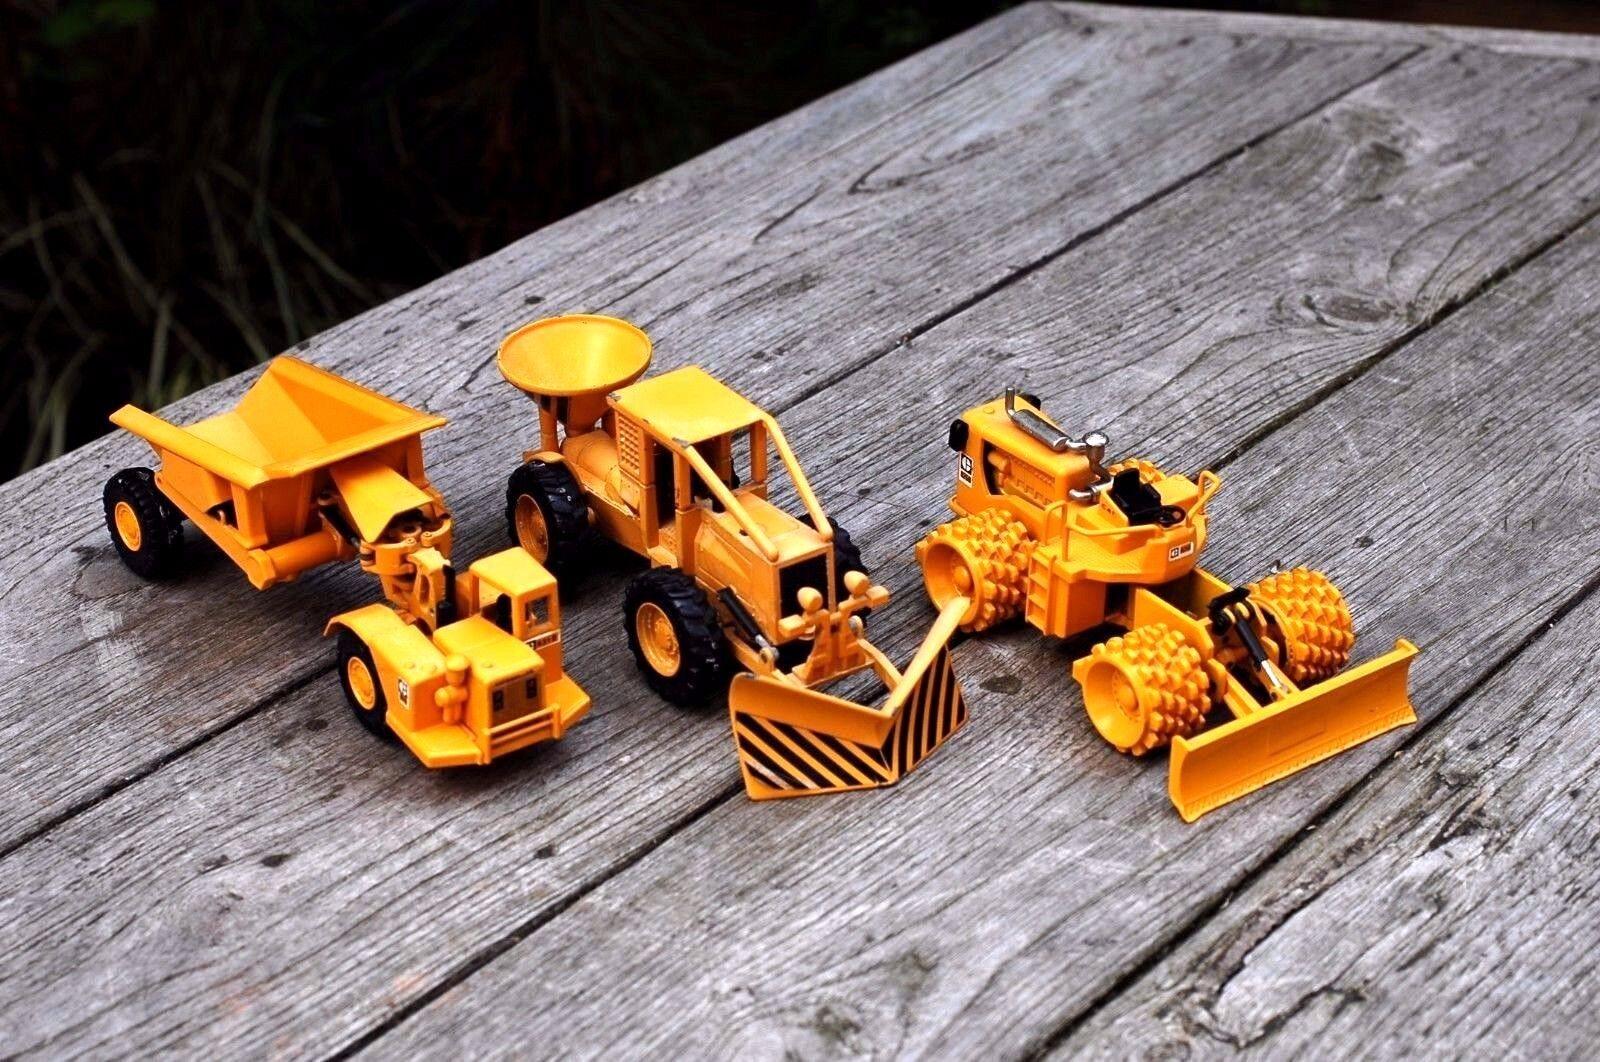 3 x giocattoli DIE CAST MODEL, Design di costruzione, Joal compatto, realizzato in Spagna